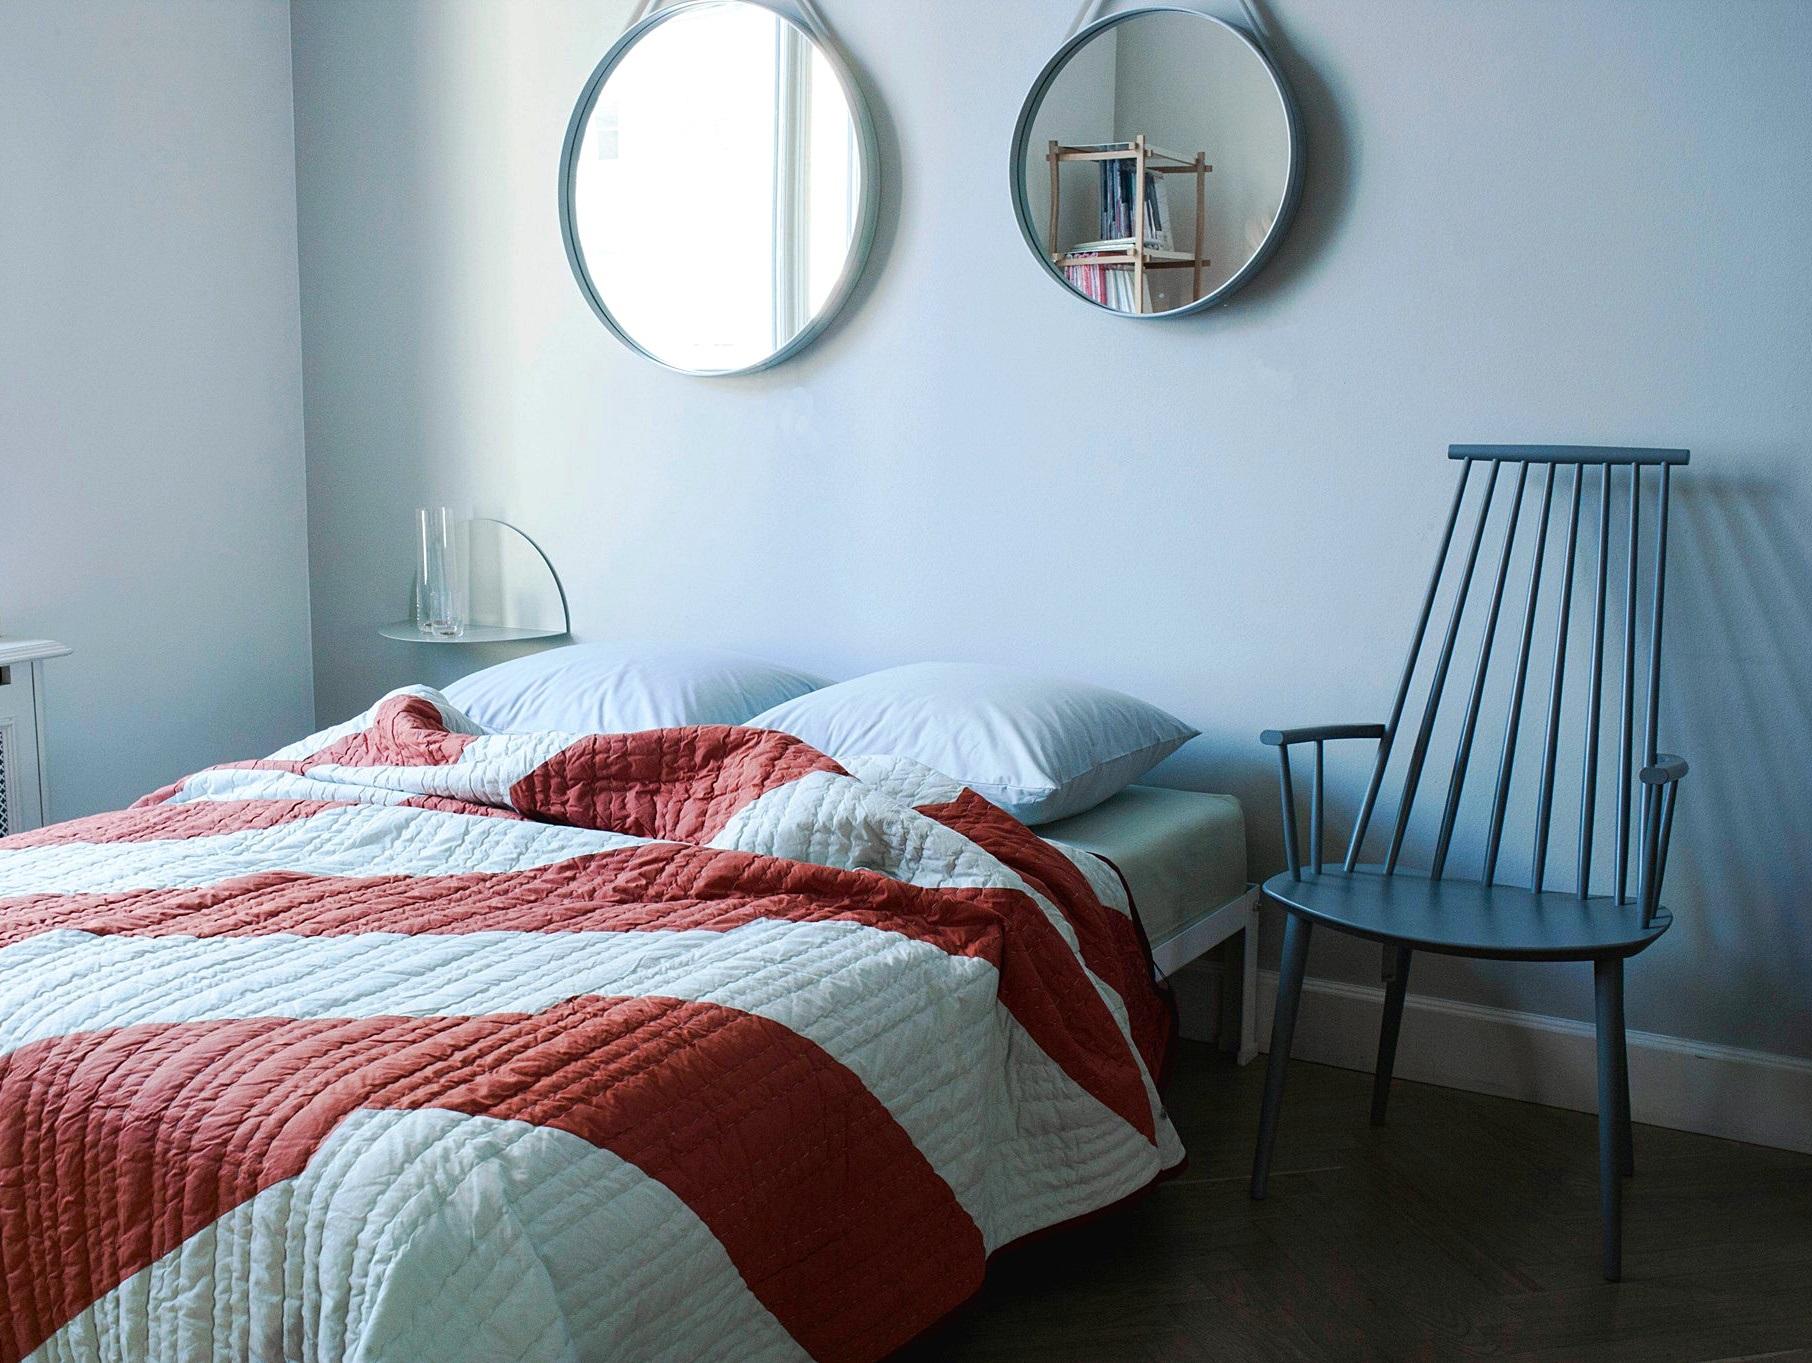 Blau Ist Ein Kühler Ton Und Dadurch Ruhig, Meditativ, Ernst Und Beständig.  Wände, Möbel Oder Accessoires In Blau Reduzieren Stress Und Nervosität.